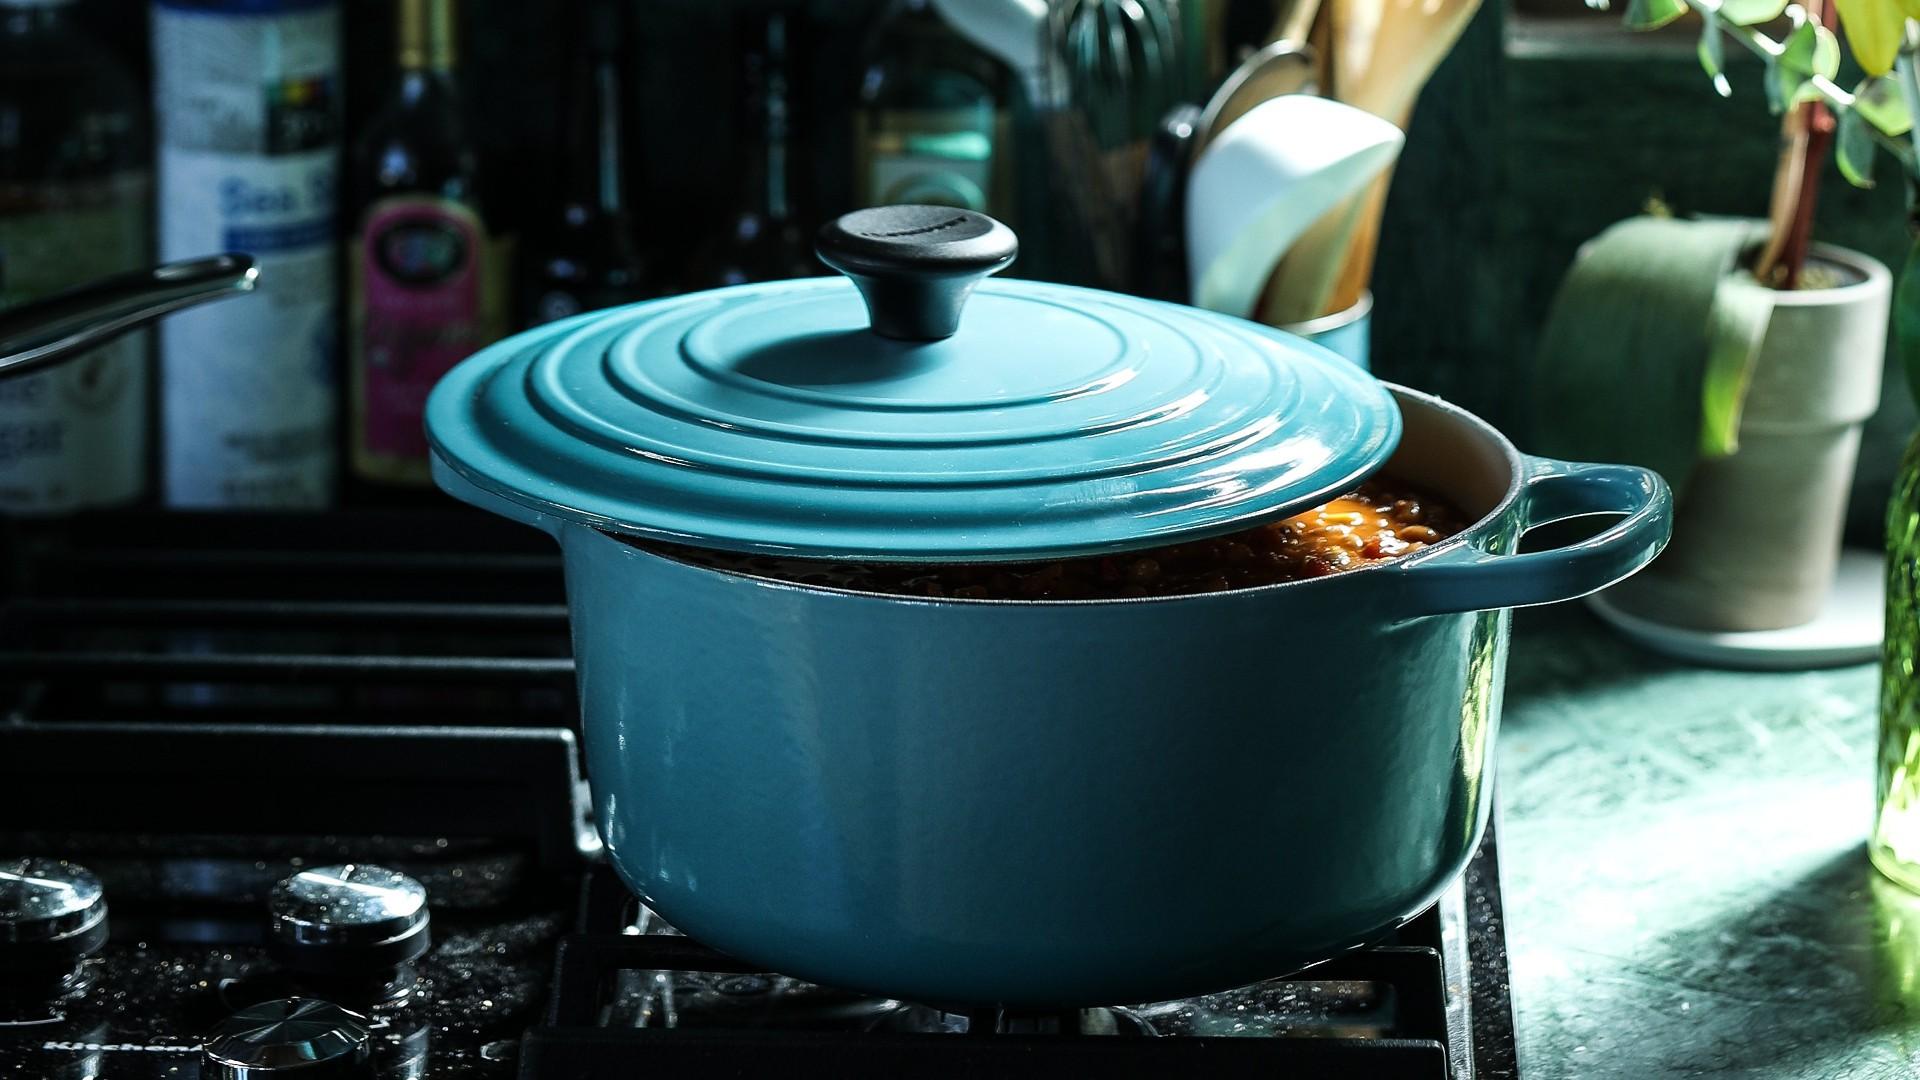 Ustensiles de cuisson - Sélection d'équipements de qualité - Parlapapa